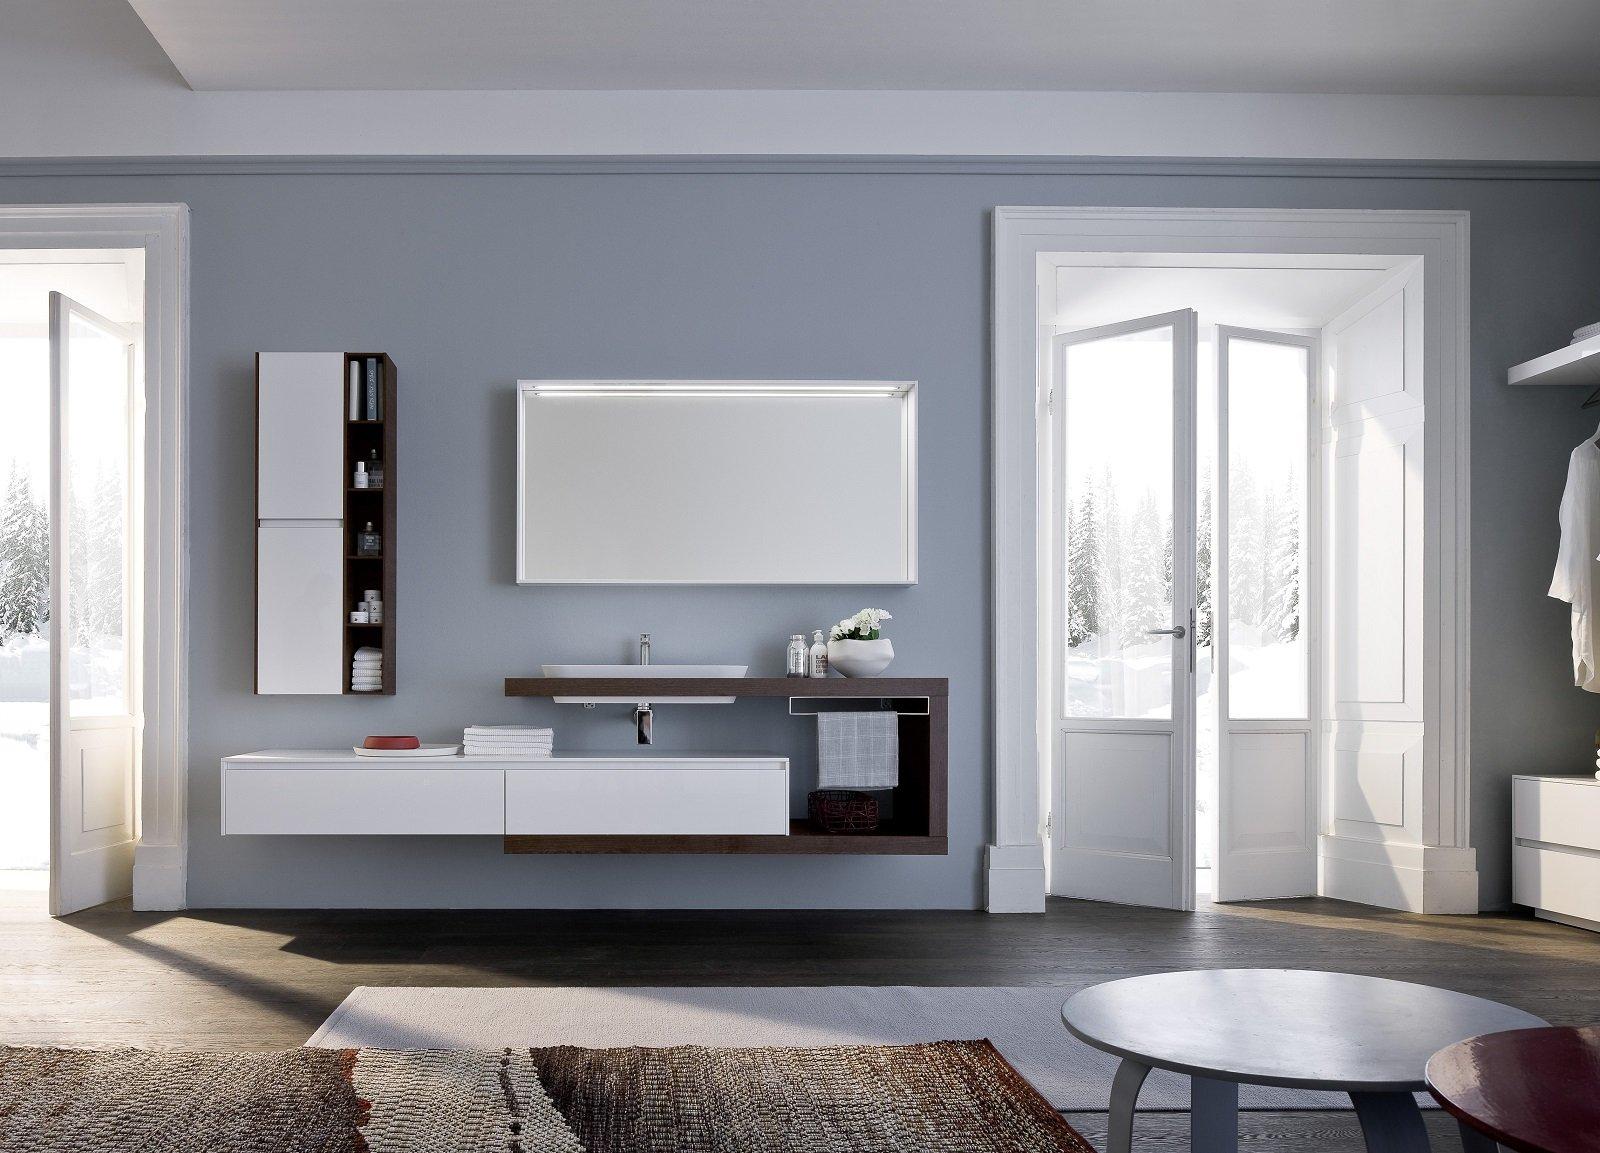 Mensole e piani d 39 appoggio per il lavabo cose di casa - Lavandini in vetro per bagno ...